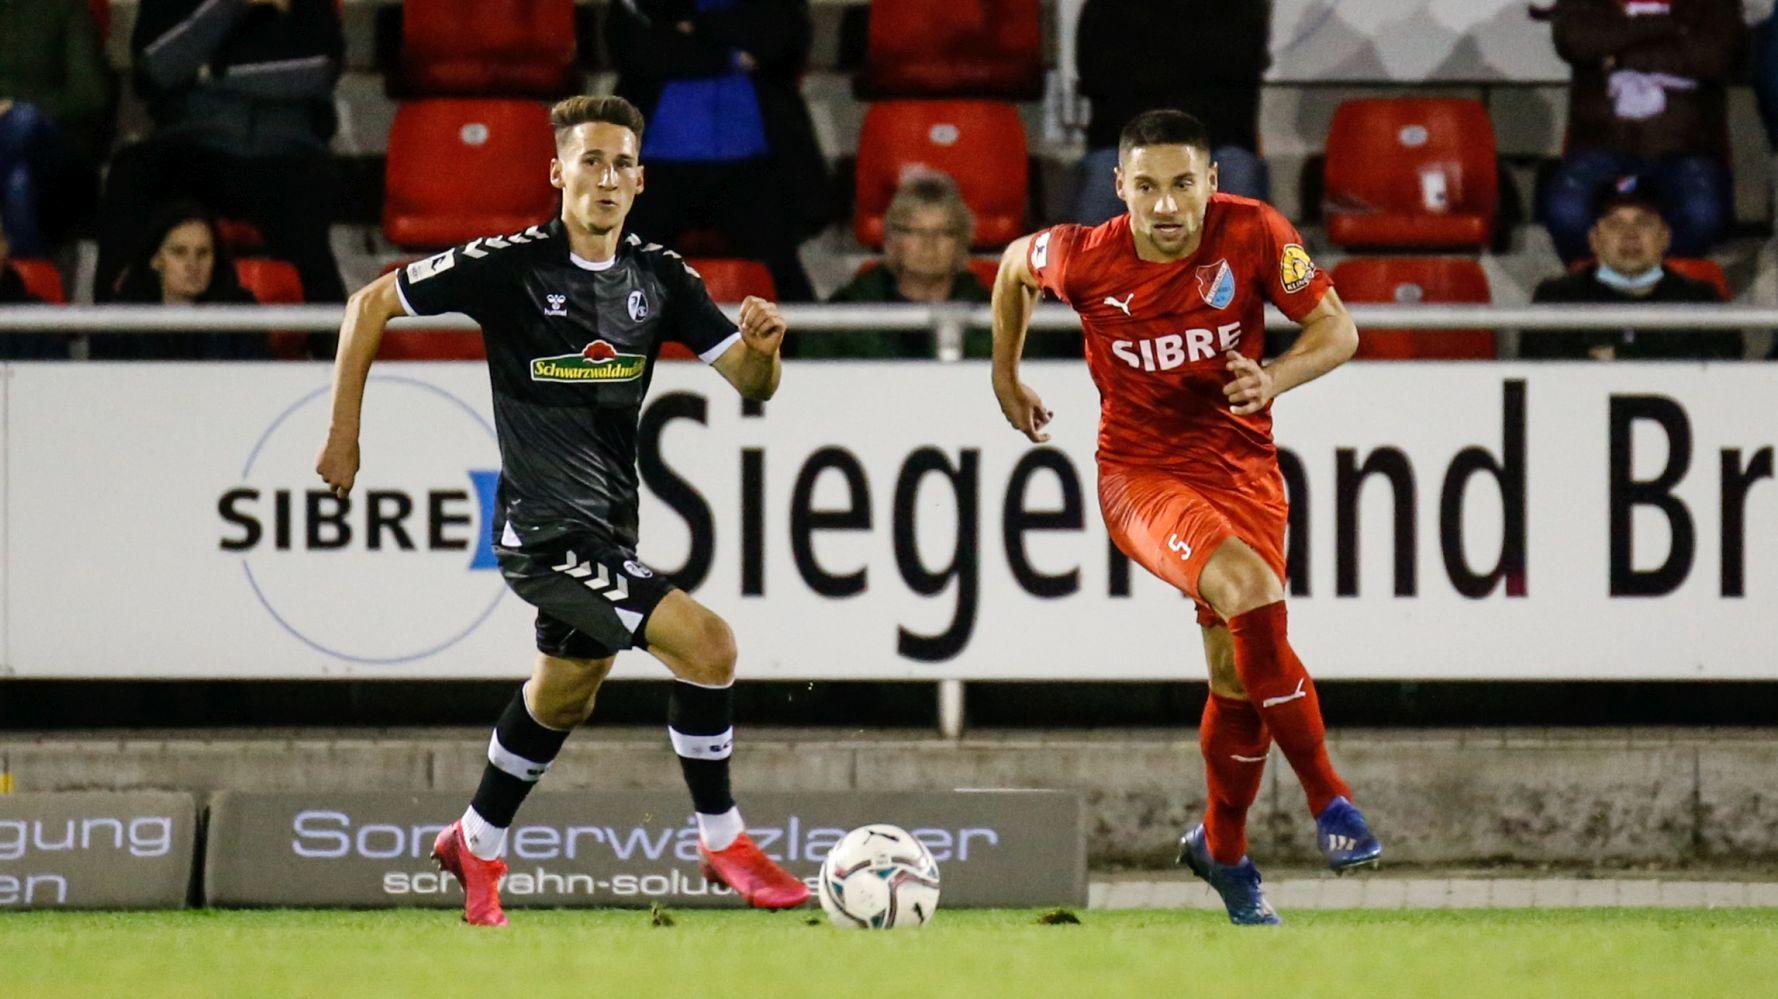 - TSV Steinbach vs. Freiburg 2 am 21.10.2020 (Foto: Fingerhut)